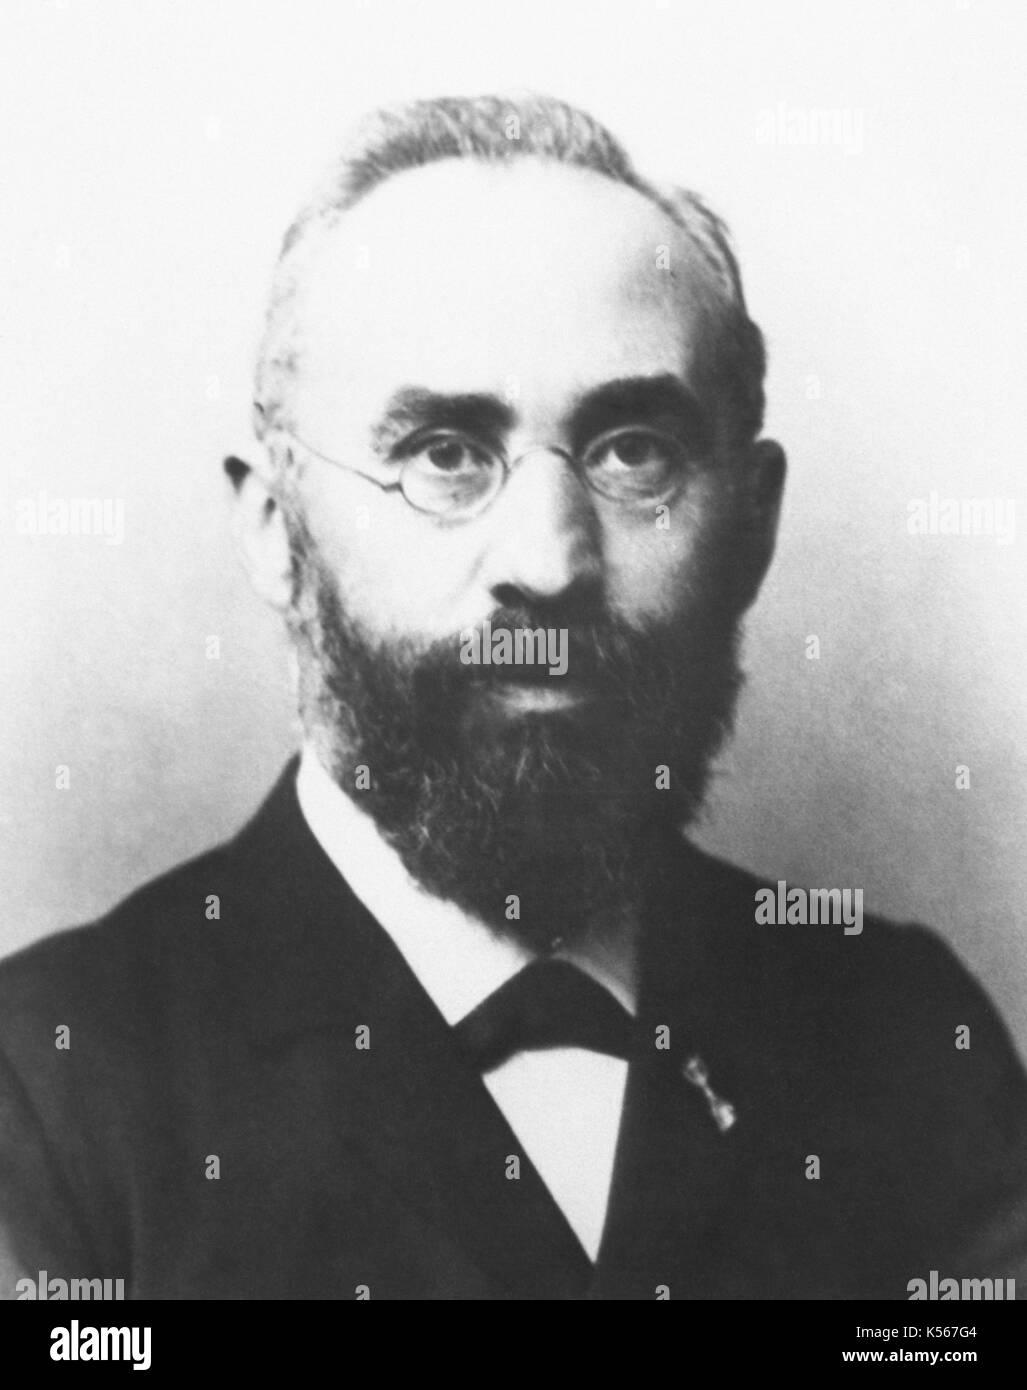 Hendrik Antoon Lorentz (1853-1928). Der niederländische Physiker. Nobelpreis für Physik, 1902. Porträt. Stockbild